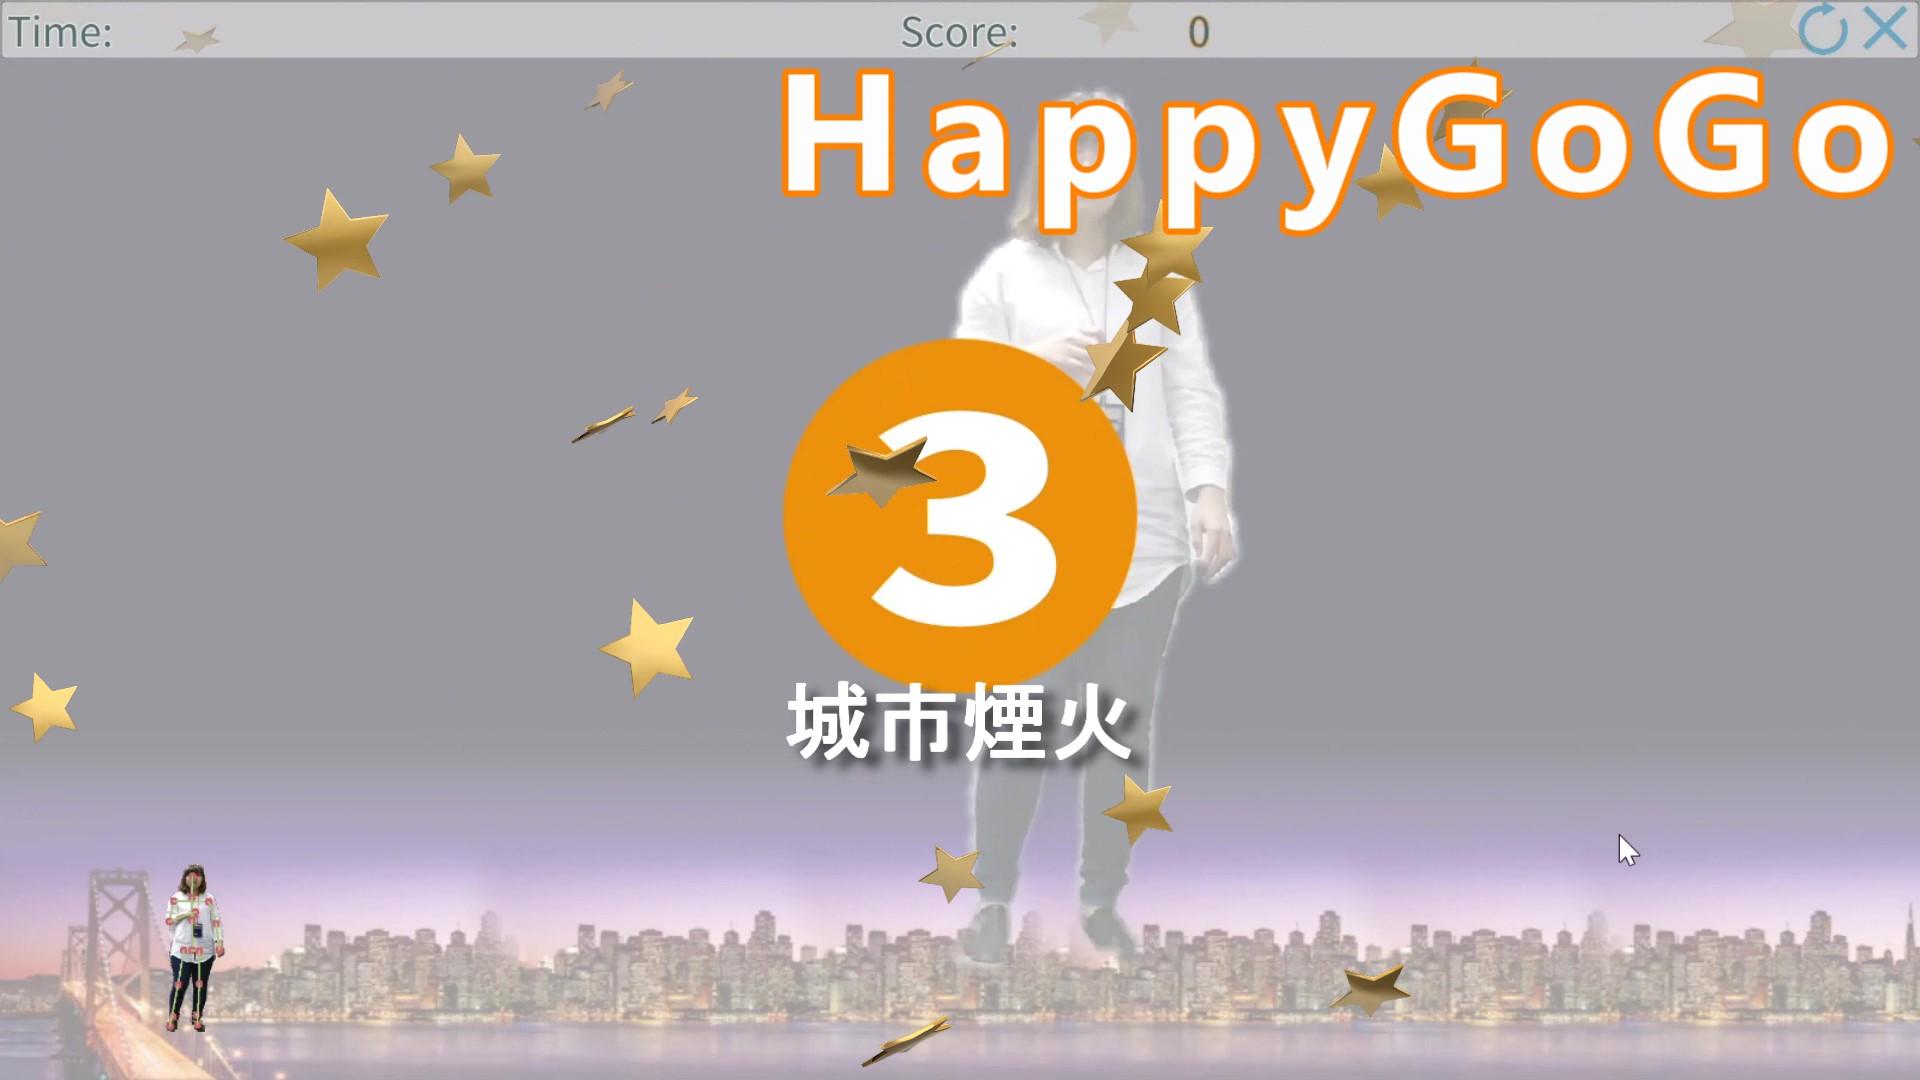 HappyGoGo城市煙火_開始畫面